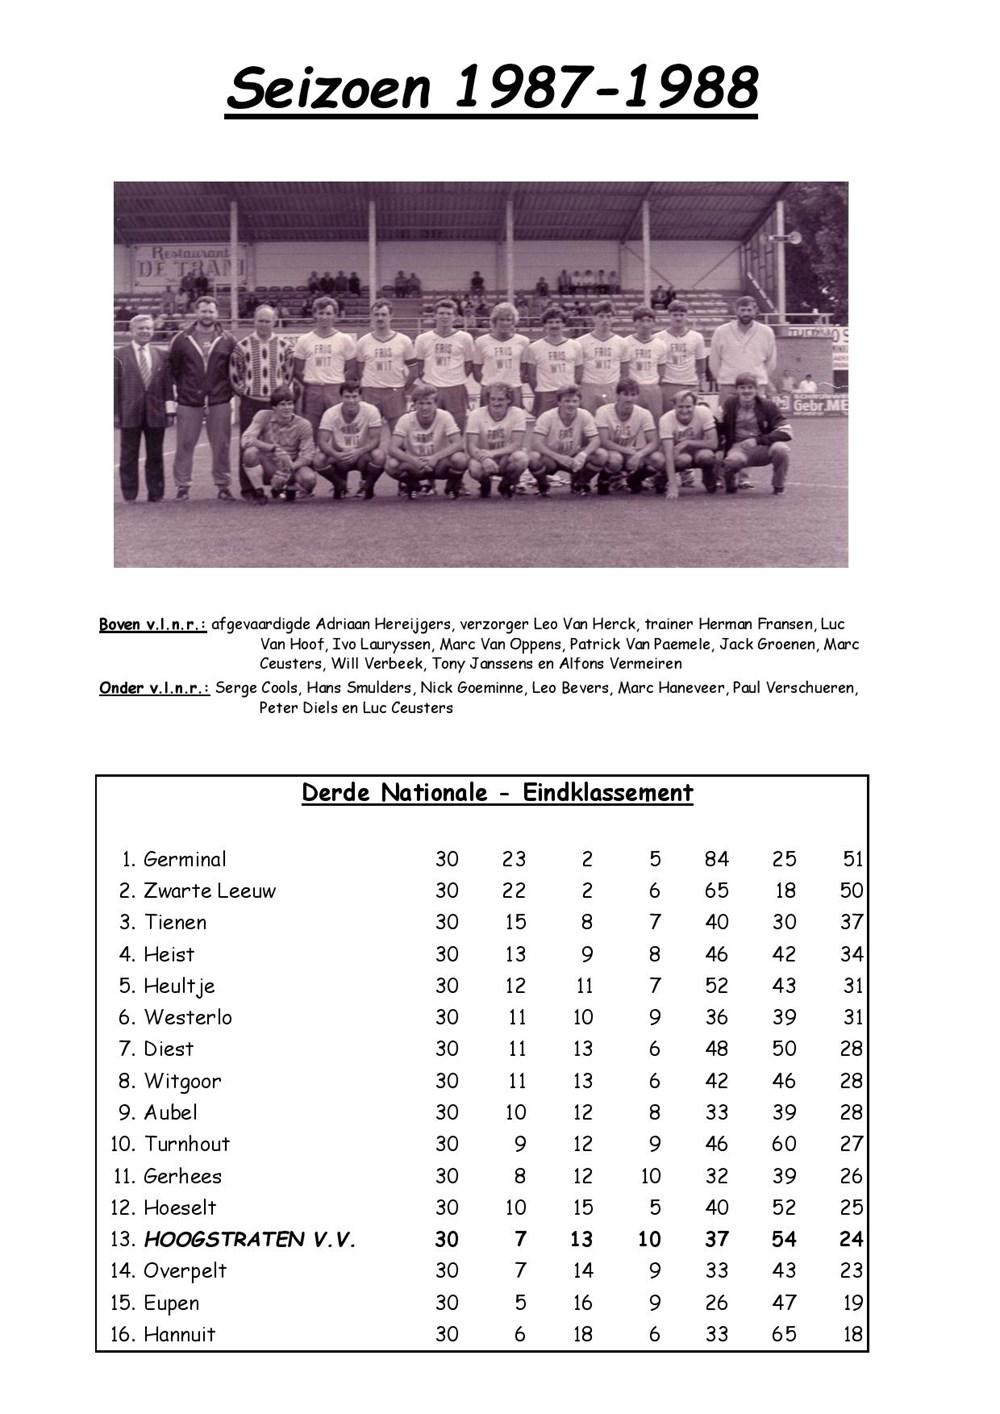 seizoen_1987-1988-page-001.jpg